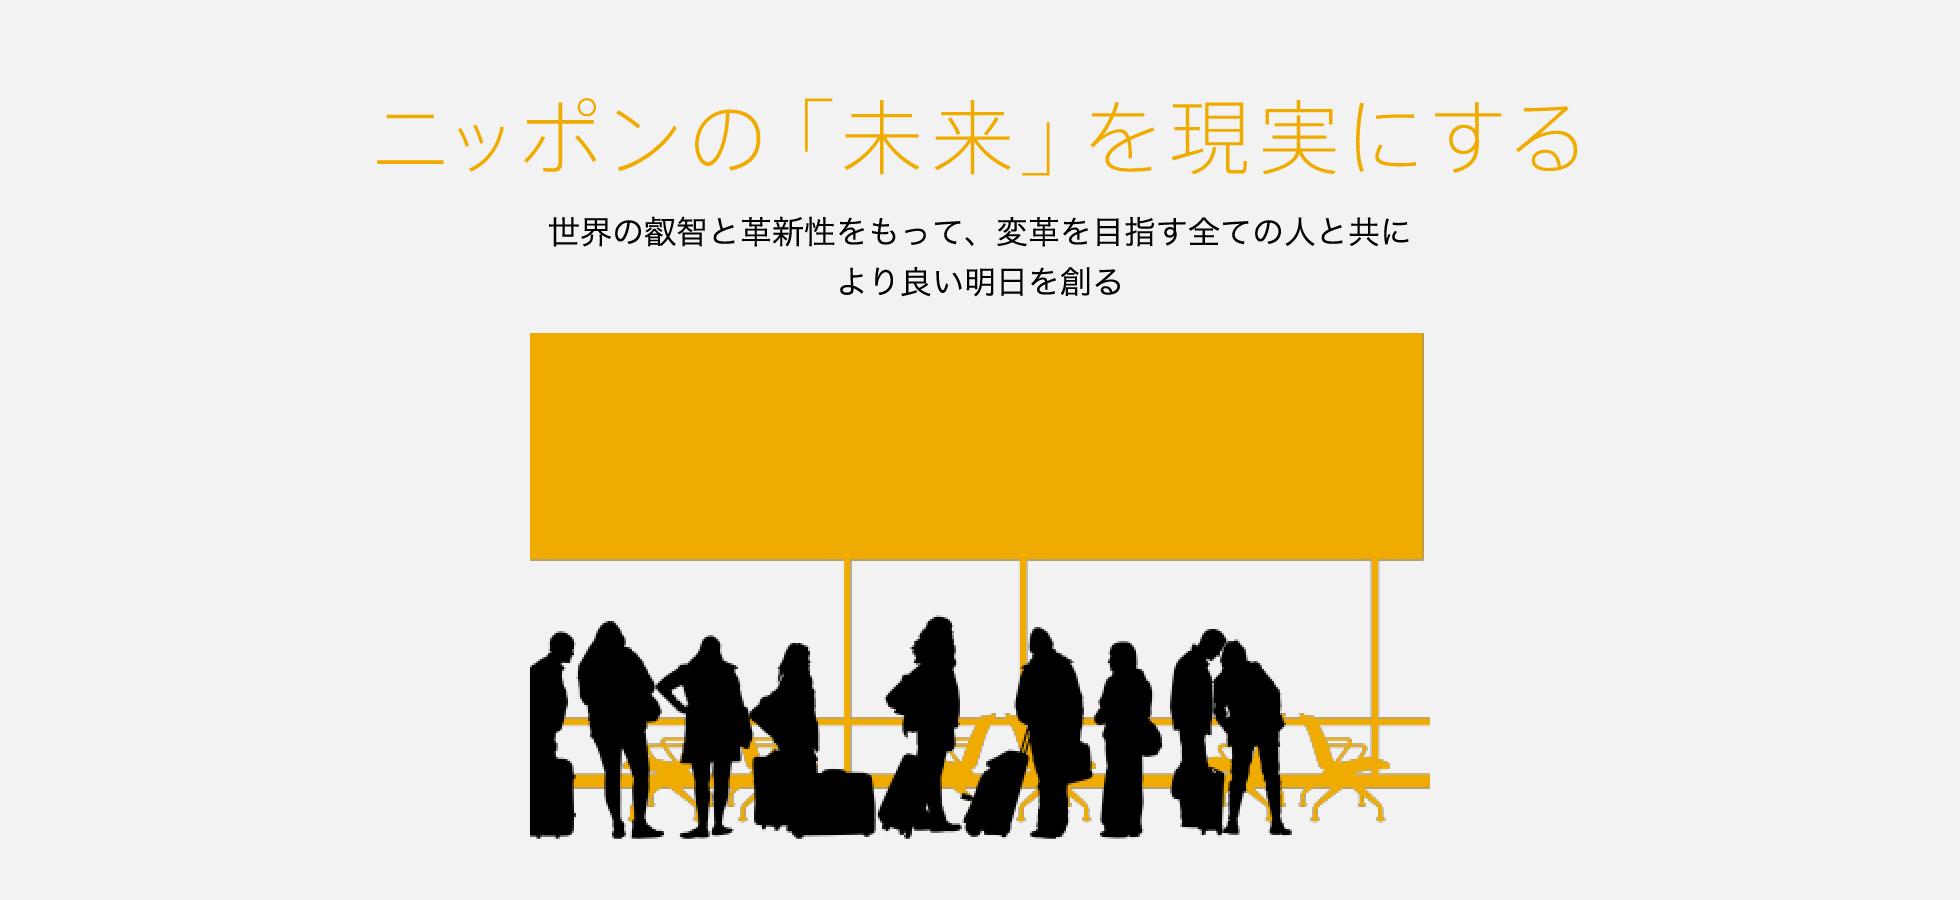 日本の「未来」を現実にする